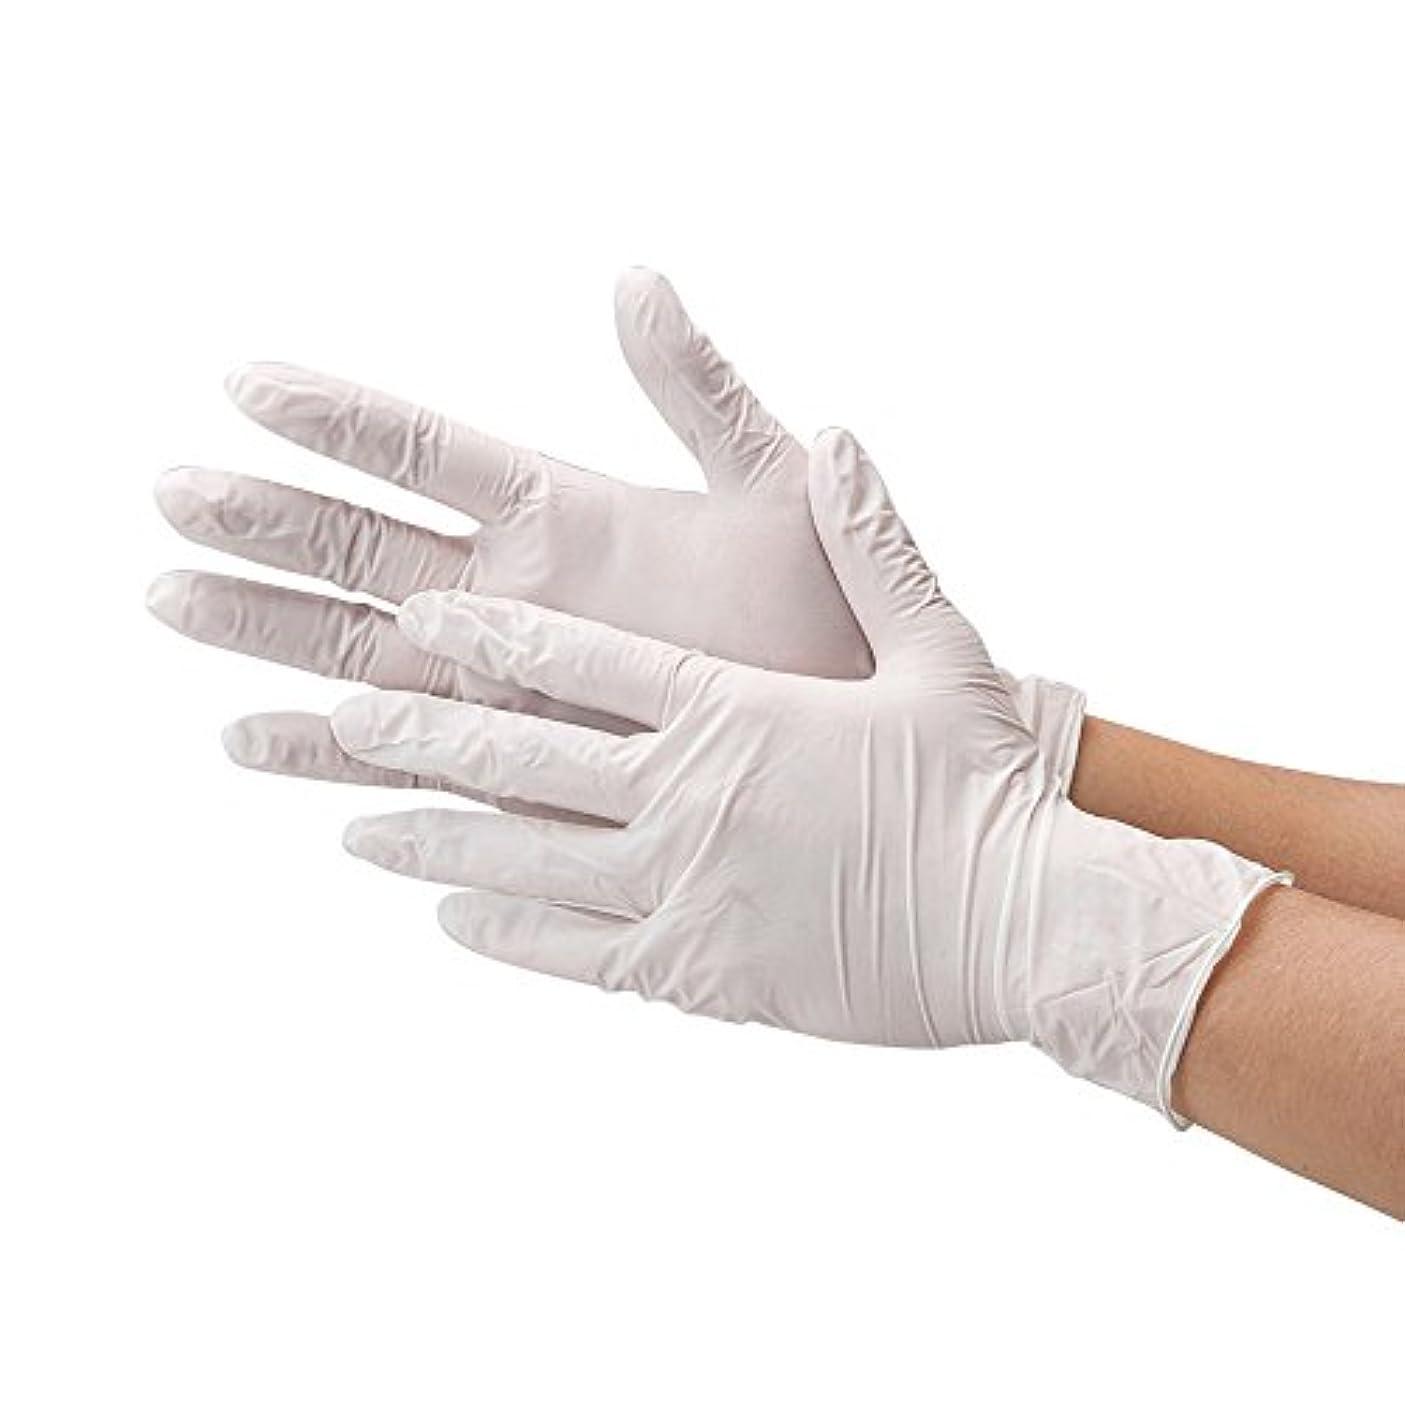 もろいバーベキューまたはどちらか使い捨て手袋 まるで素手の様な感覚で作業ができる 極薄 ゴム手袋 白 ホワイト 10枚入り 粉あり (サイズ:M) 左右兼用 食品衛生法適合品